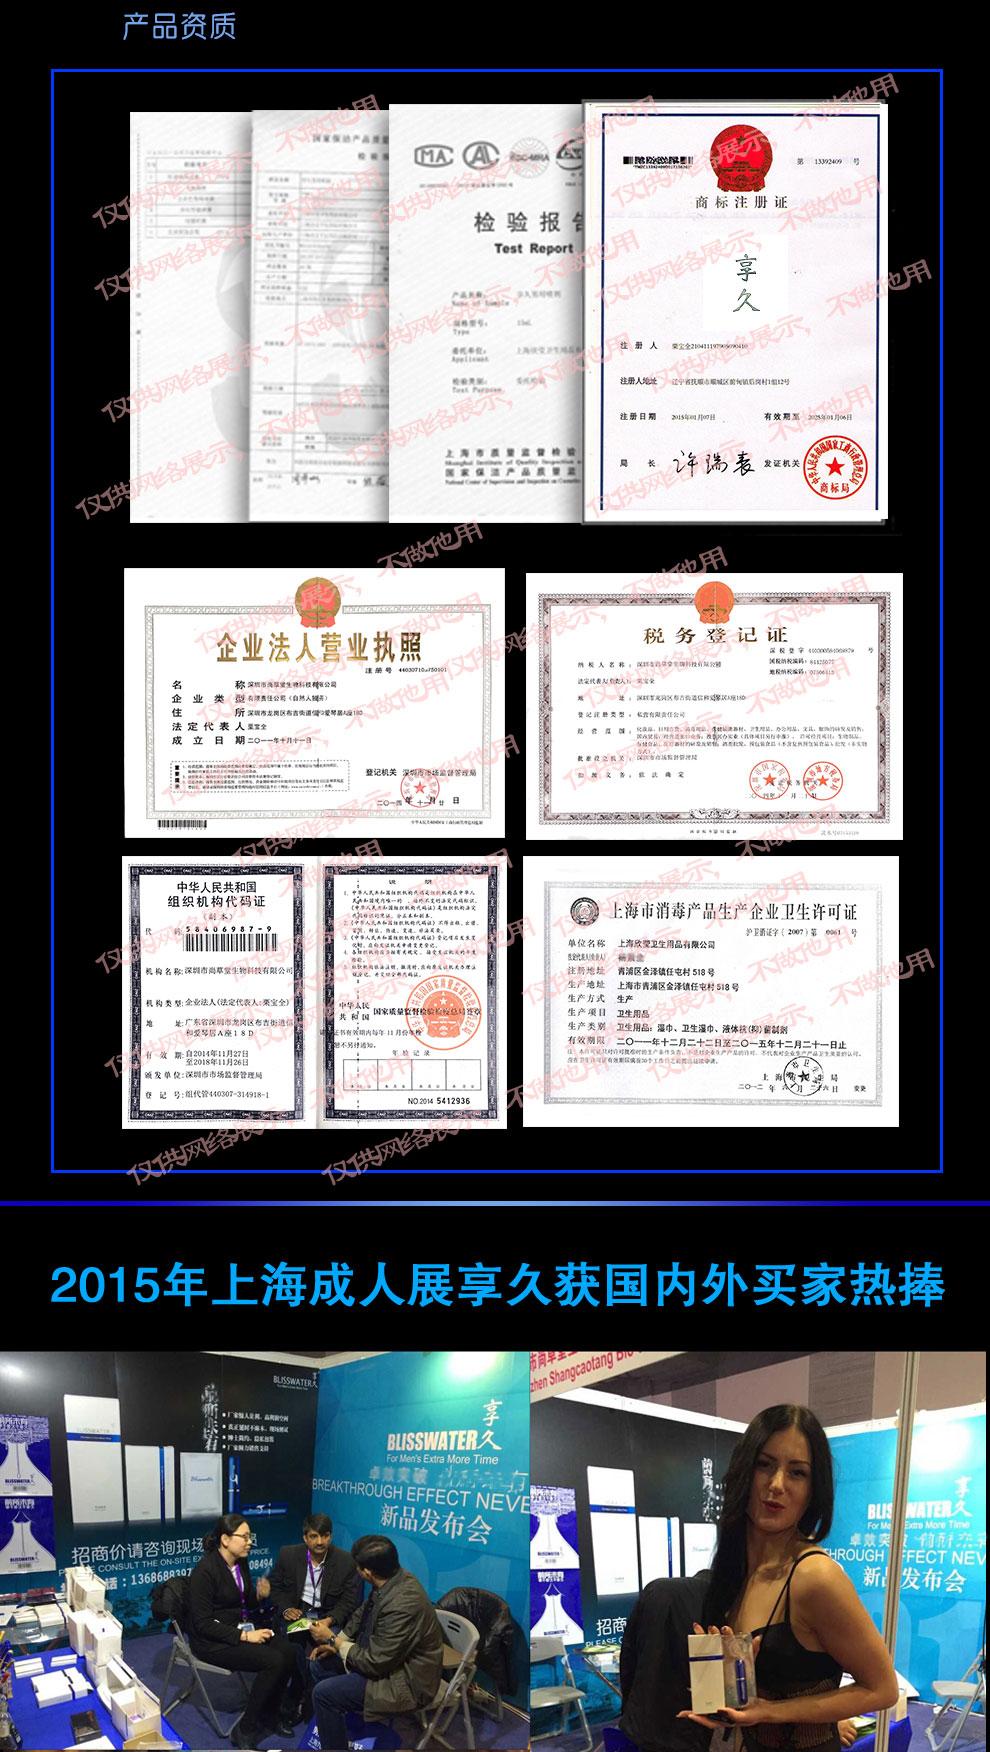 产地:中国 上海 主要成分:达米阿那植物提取液(DAMIANA LEAF)、丁香提取液(SYRINGA LINN)、食用乙醇(EDIBLE ALCOHOL)等